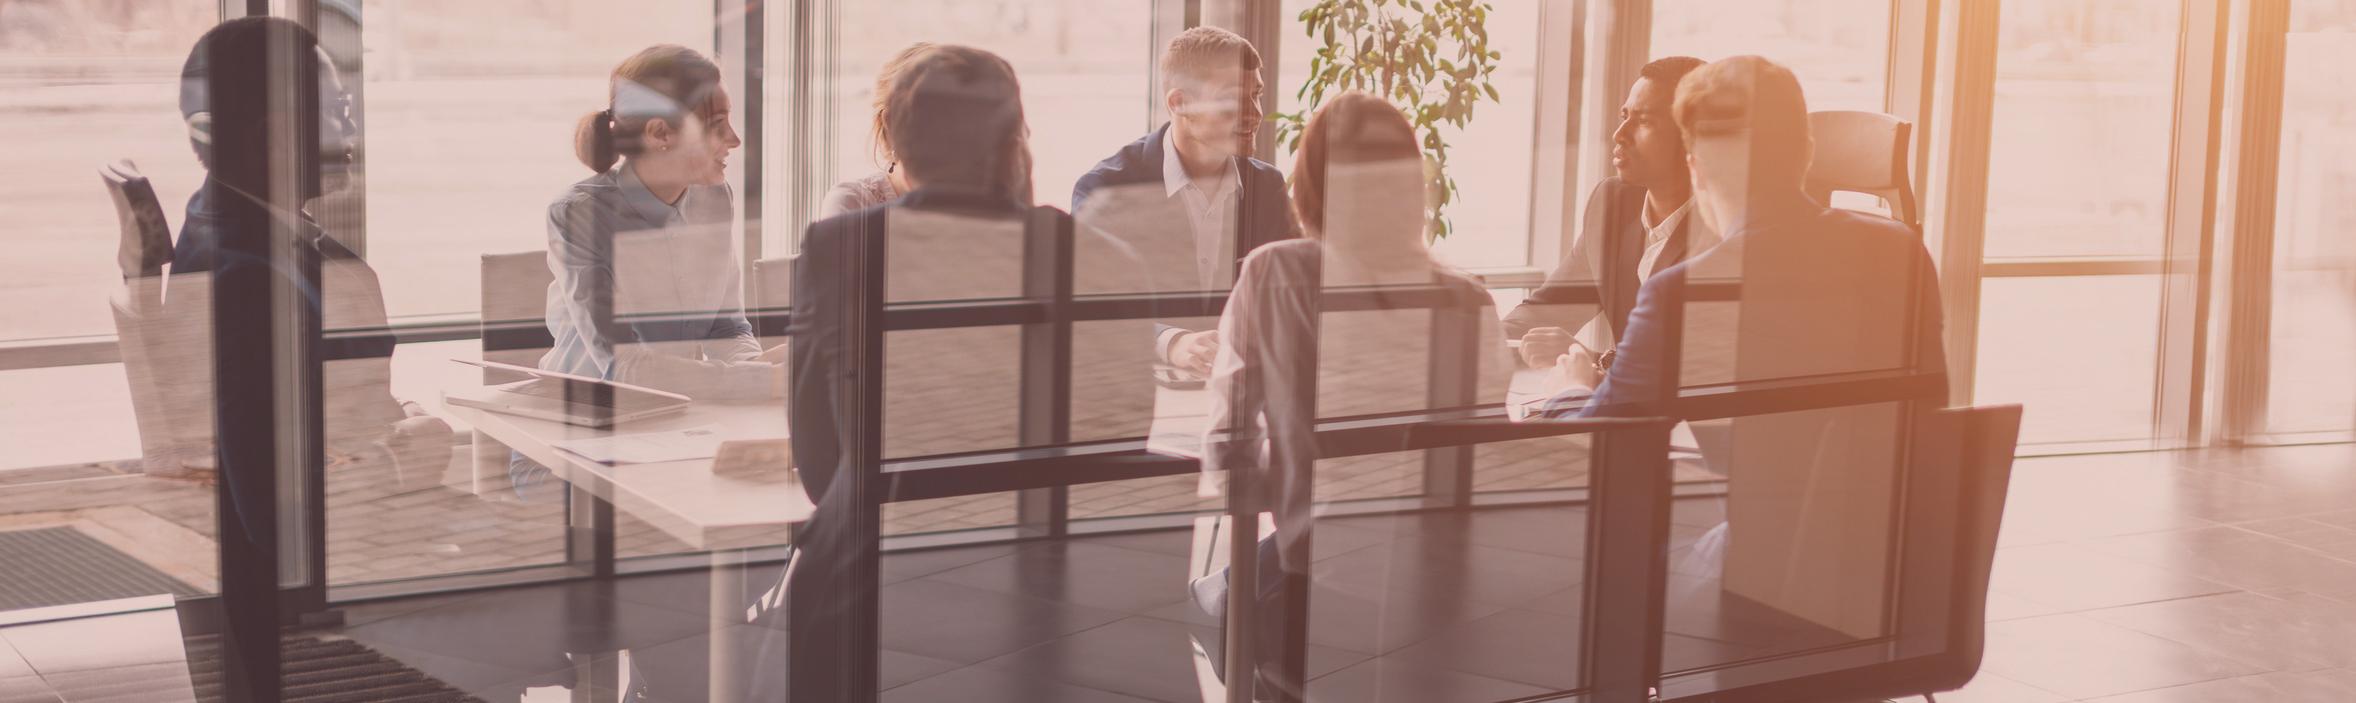 Mitarbeiter in einem Meeting